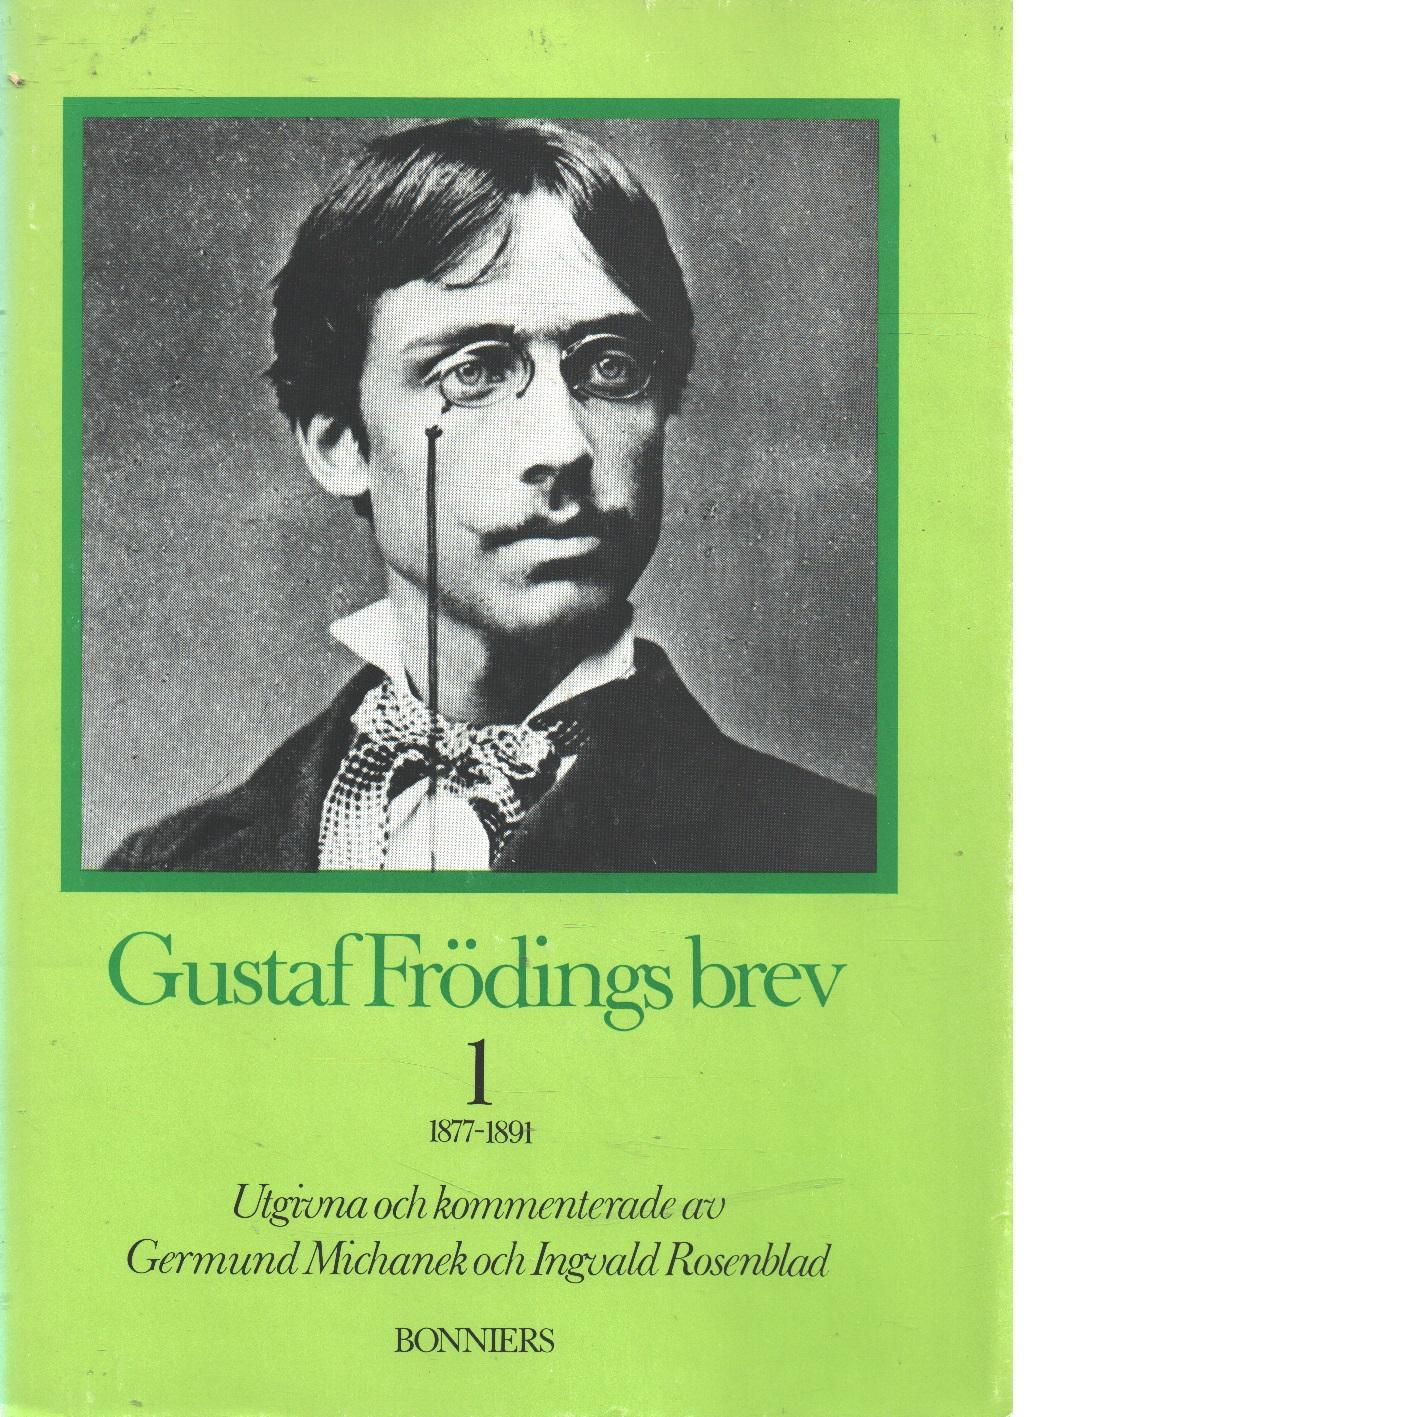 Gustaf Frödings brev 1 1877-1891 - Fröding, Gustaf